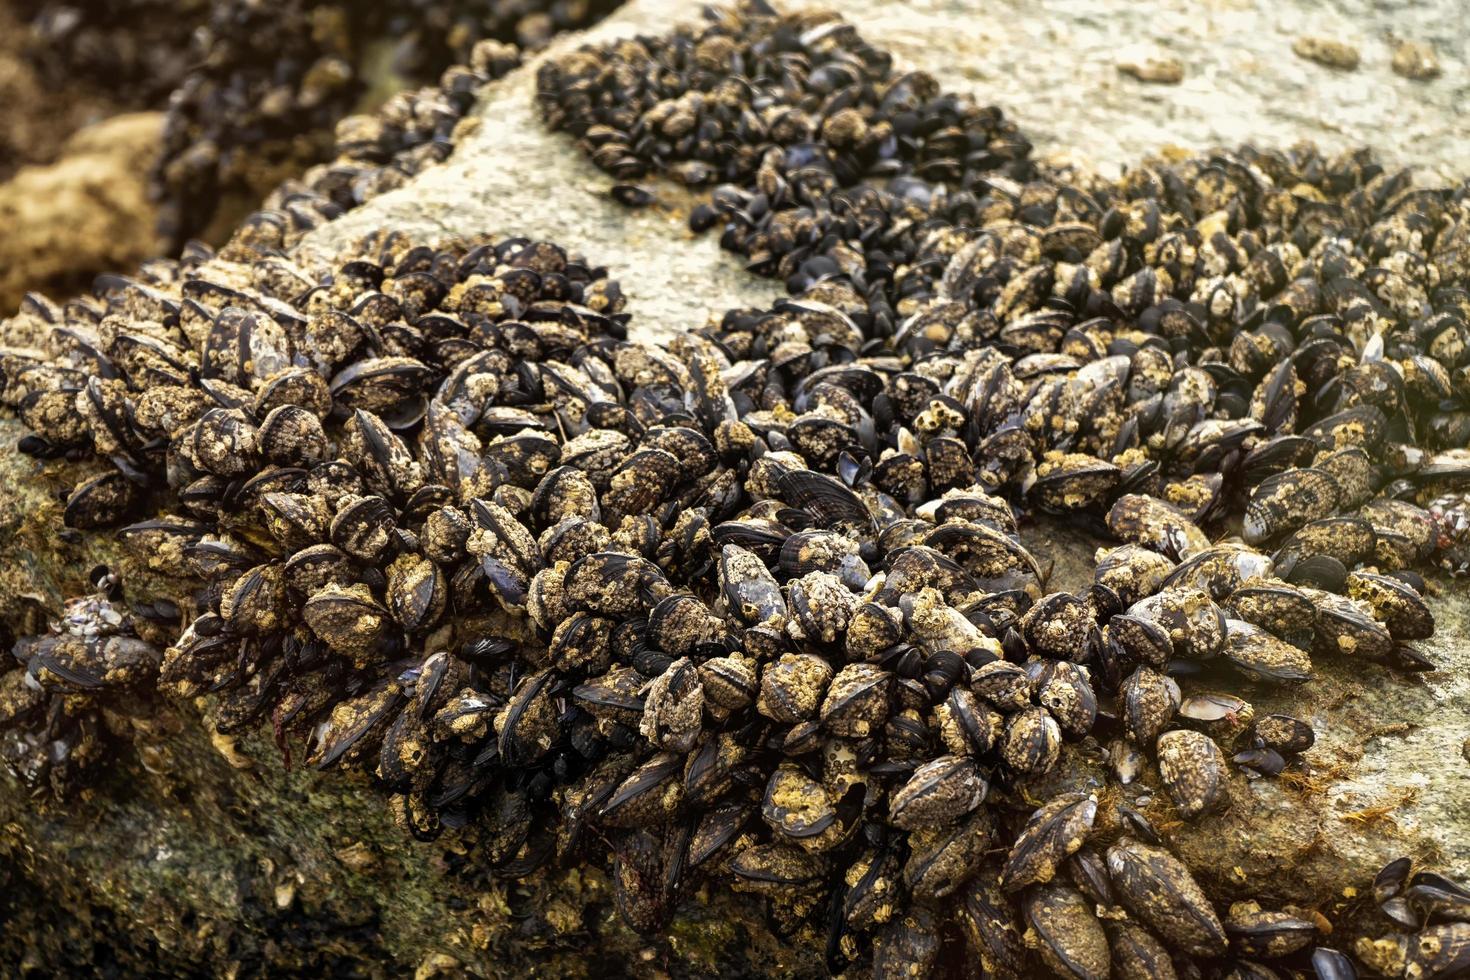 mosselen vastgemaakt aan een rots foto